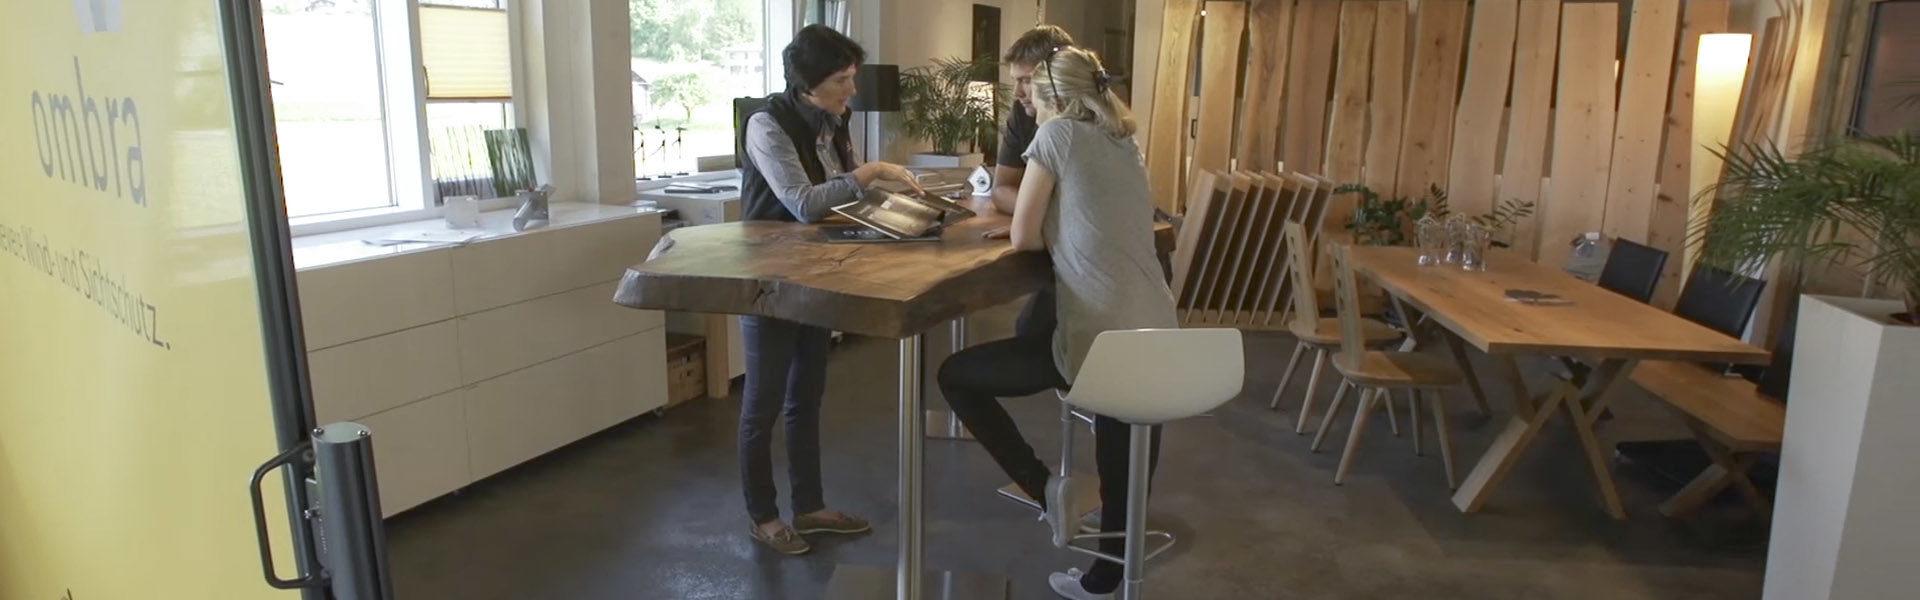 Eine Frau zeigt ihren beiden Kunden die verschiedenen Ausführungen der ombra Wind- und Sichtschutzsysteme.